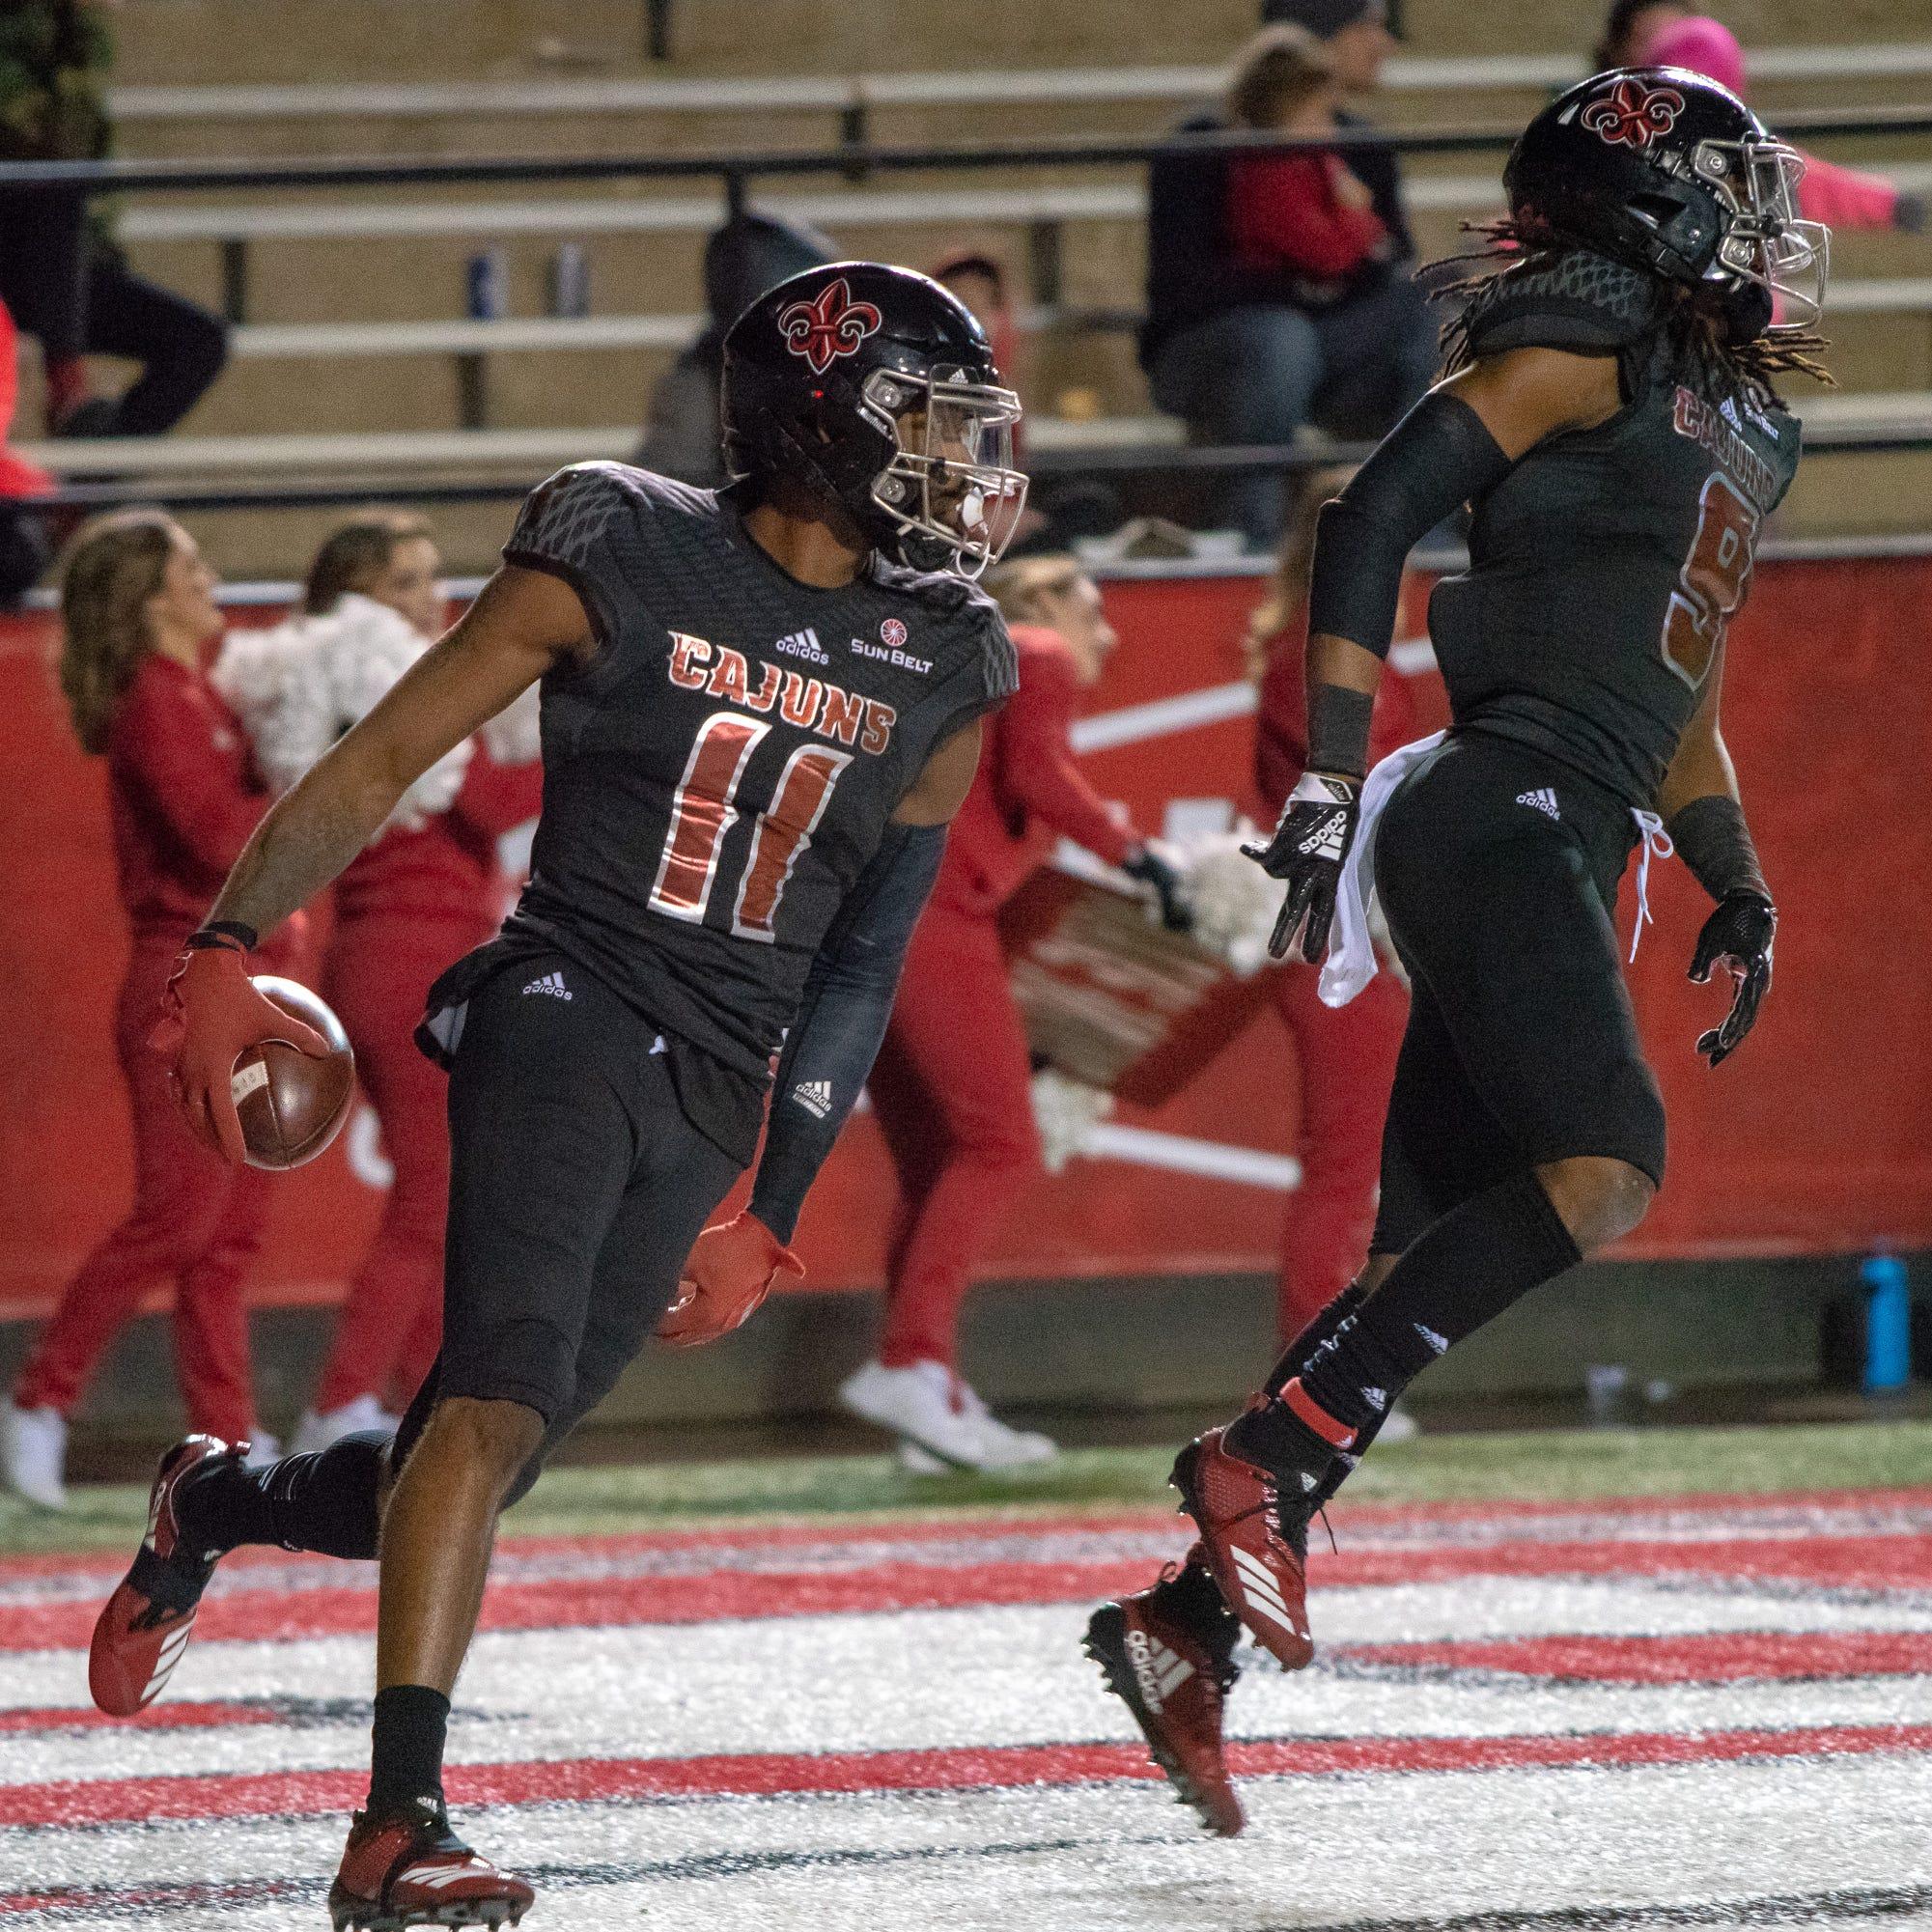 Defense brightens Cajuns' outlook in win